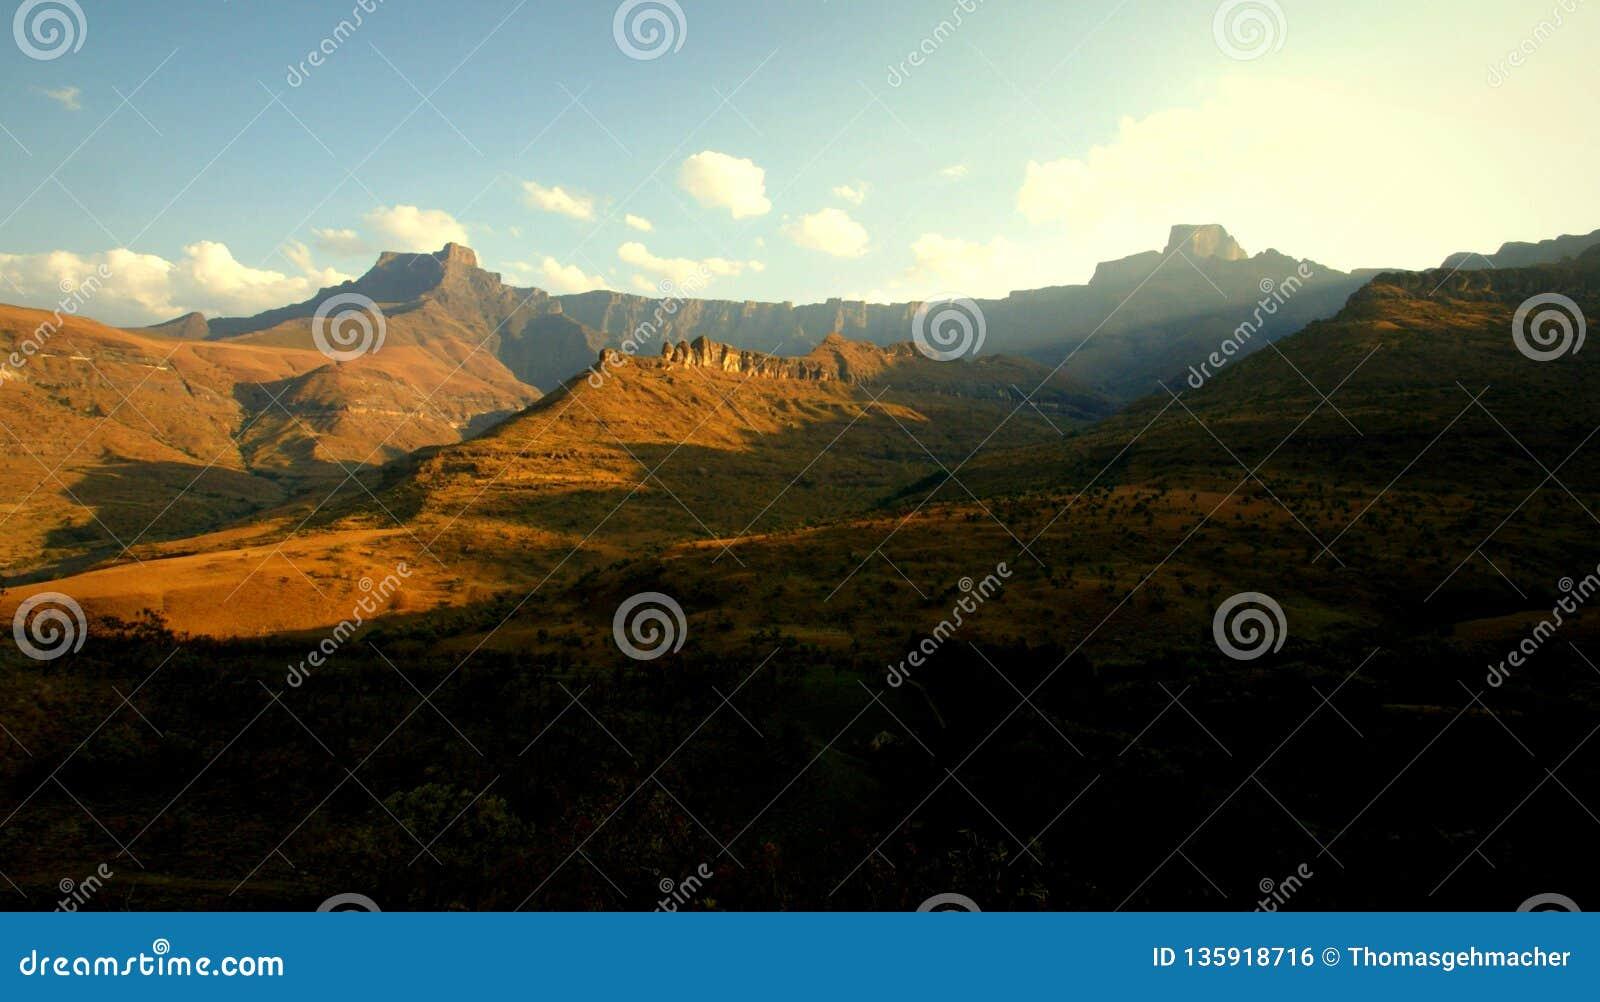 Rising morning sun at Drakensberg mountains, South Africa